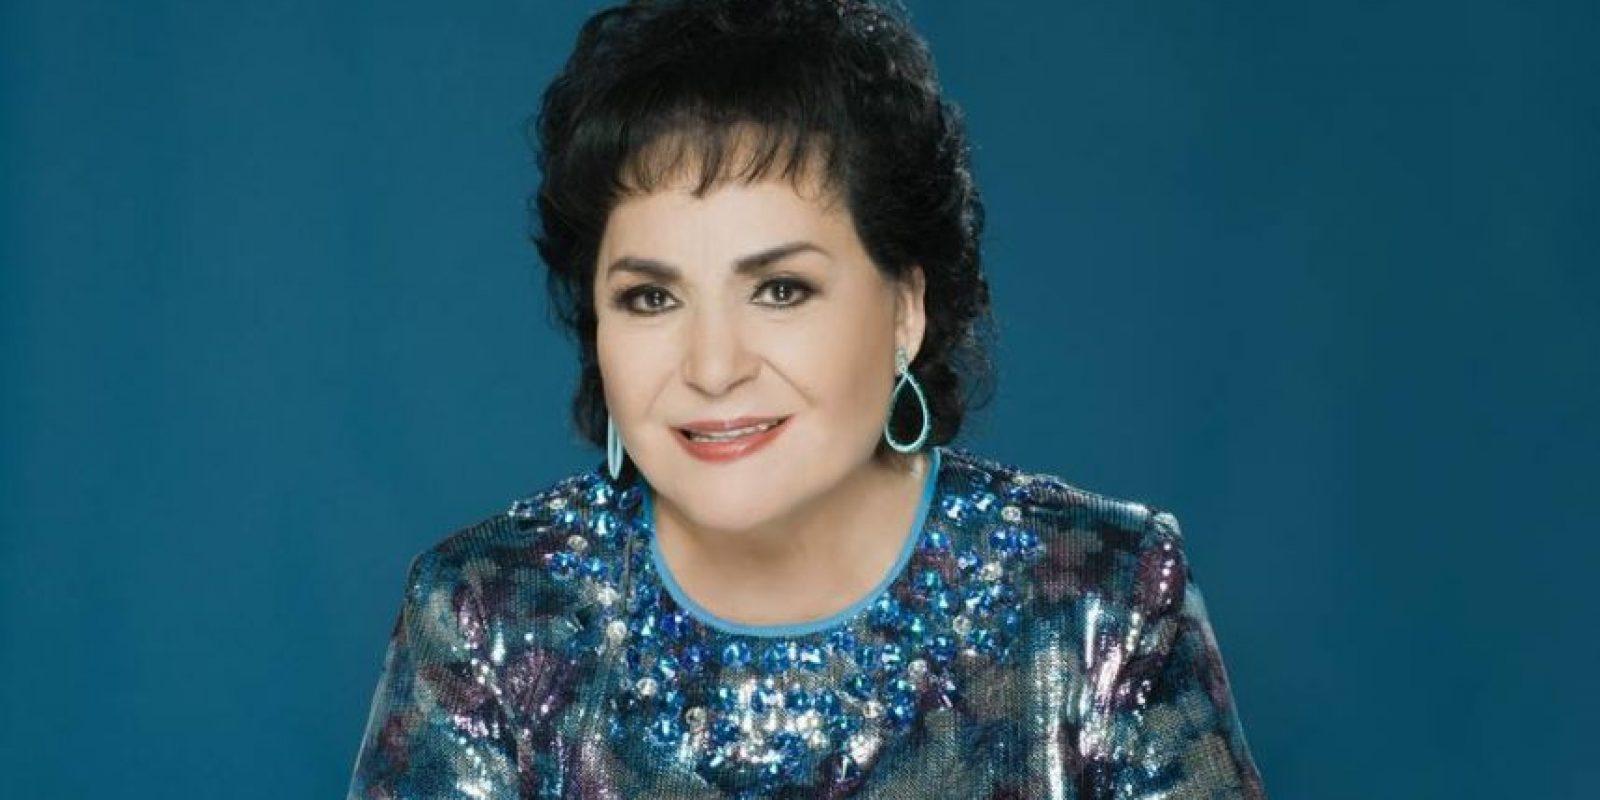 Carmen Salinas es una reputada actriz de cine, teatro y televisión mexicana. Tiene 81 años. Foto:vía Facebook/Carmen Salinas Oficial